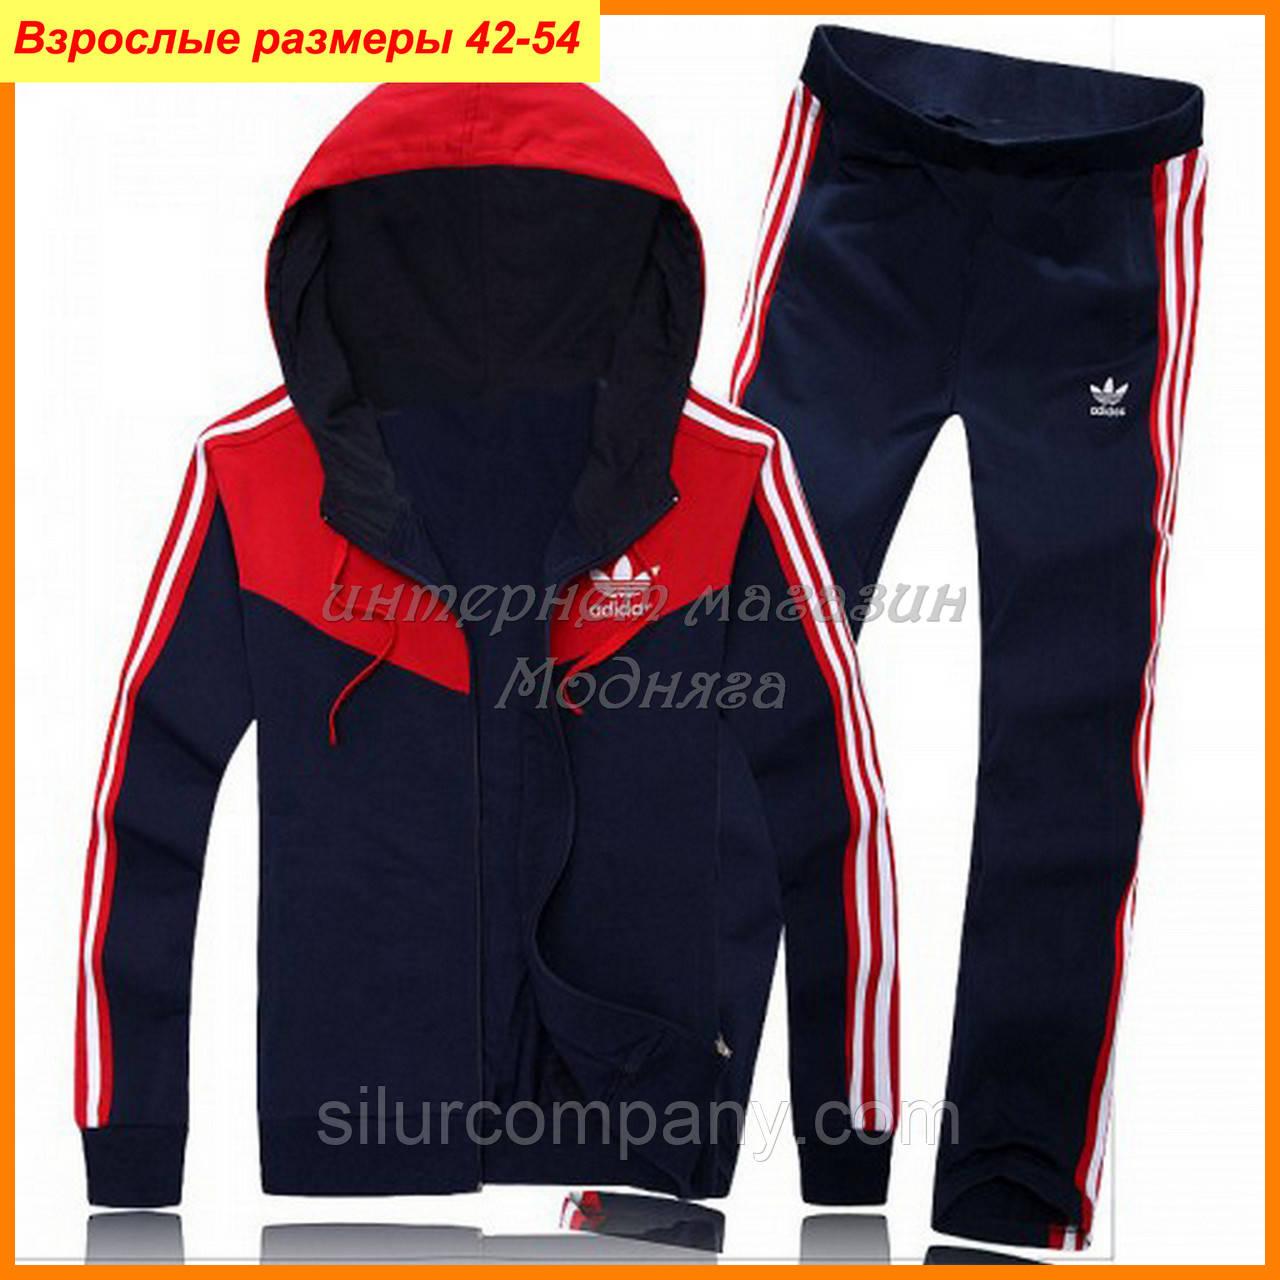 9fcee1f4bc3c Спортивный костюм адидас темно-синий с красным - Интернет магазин